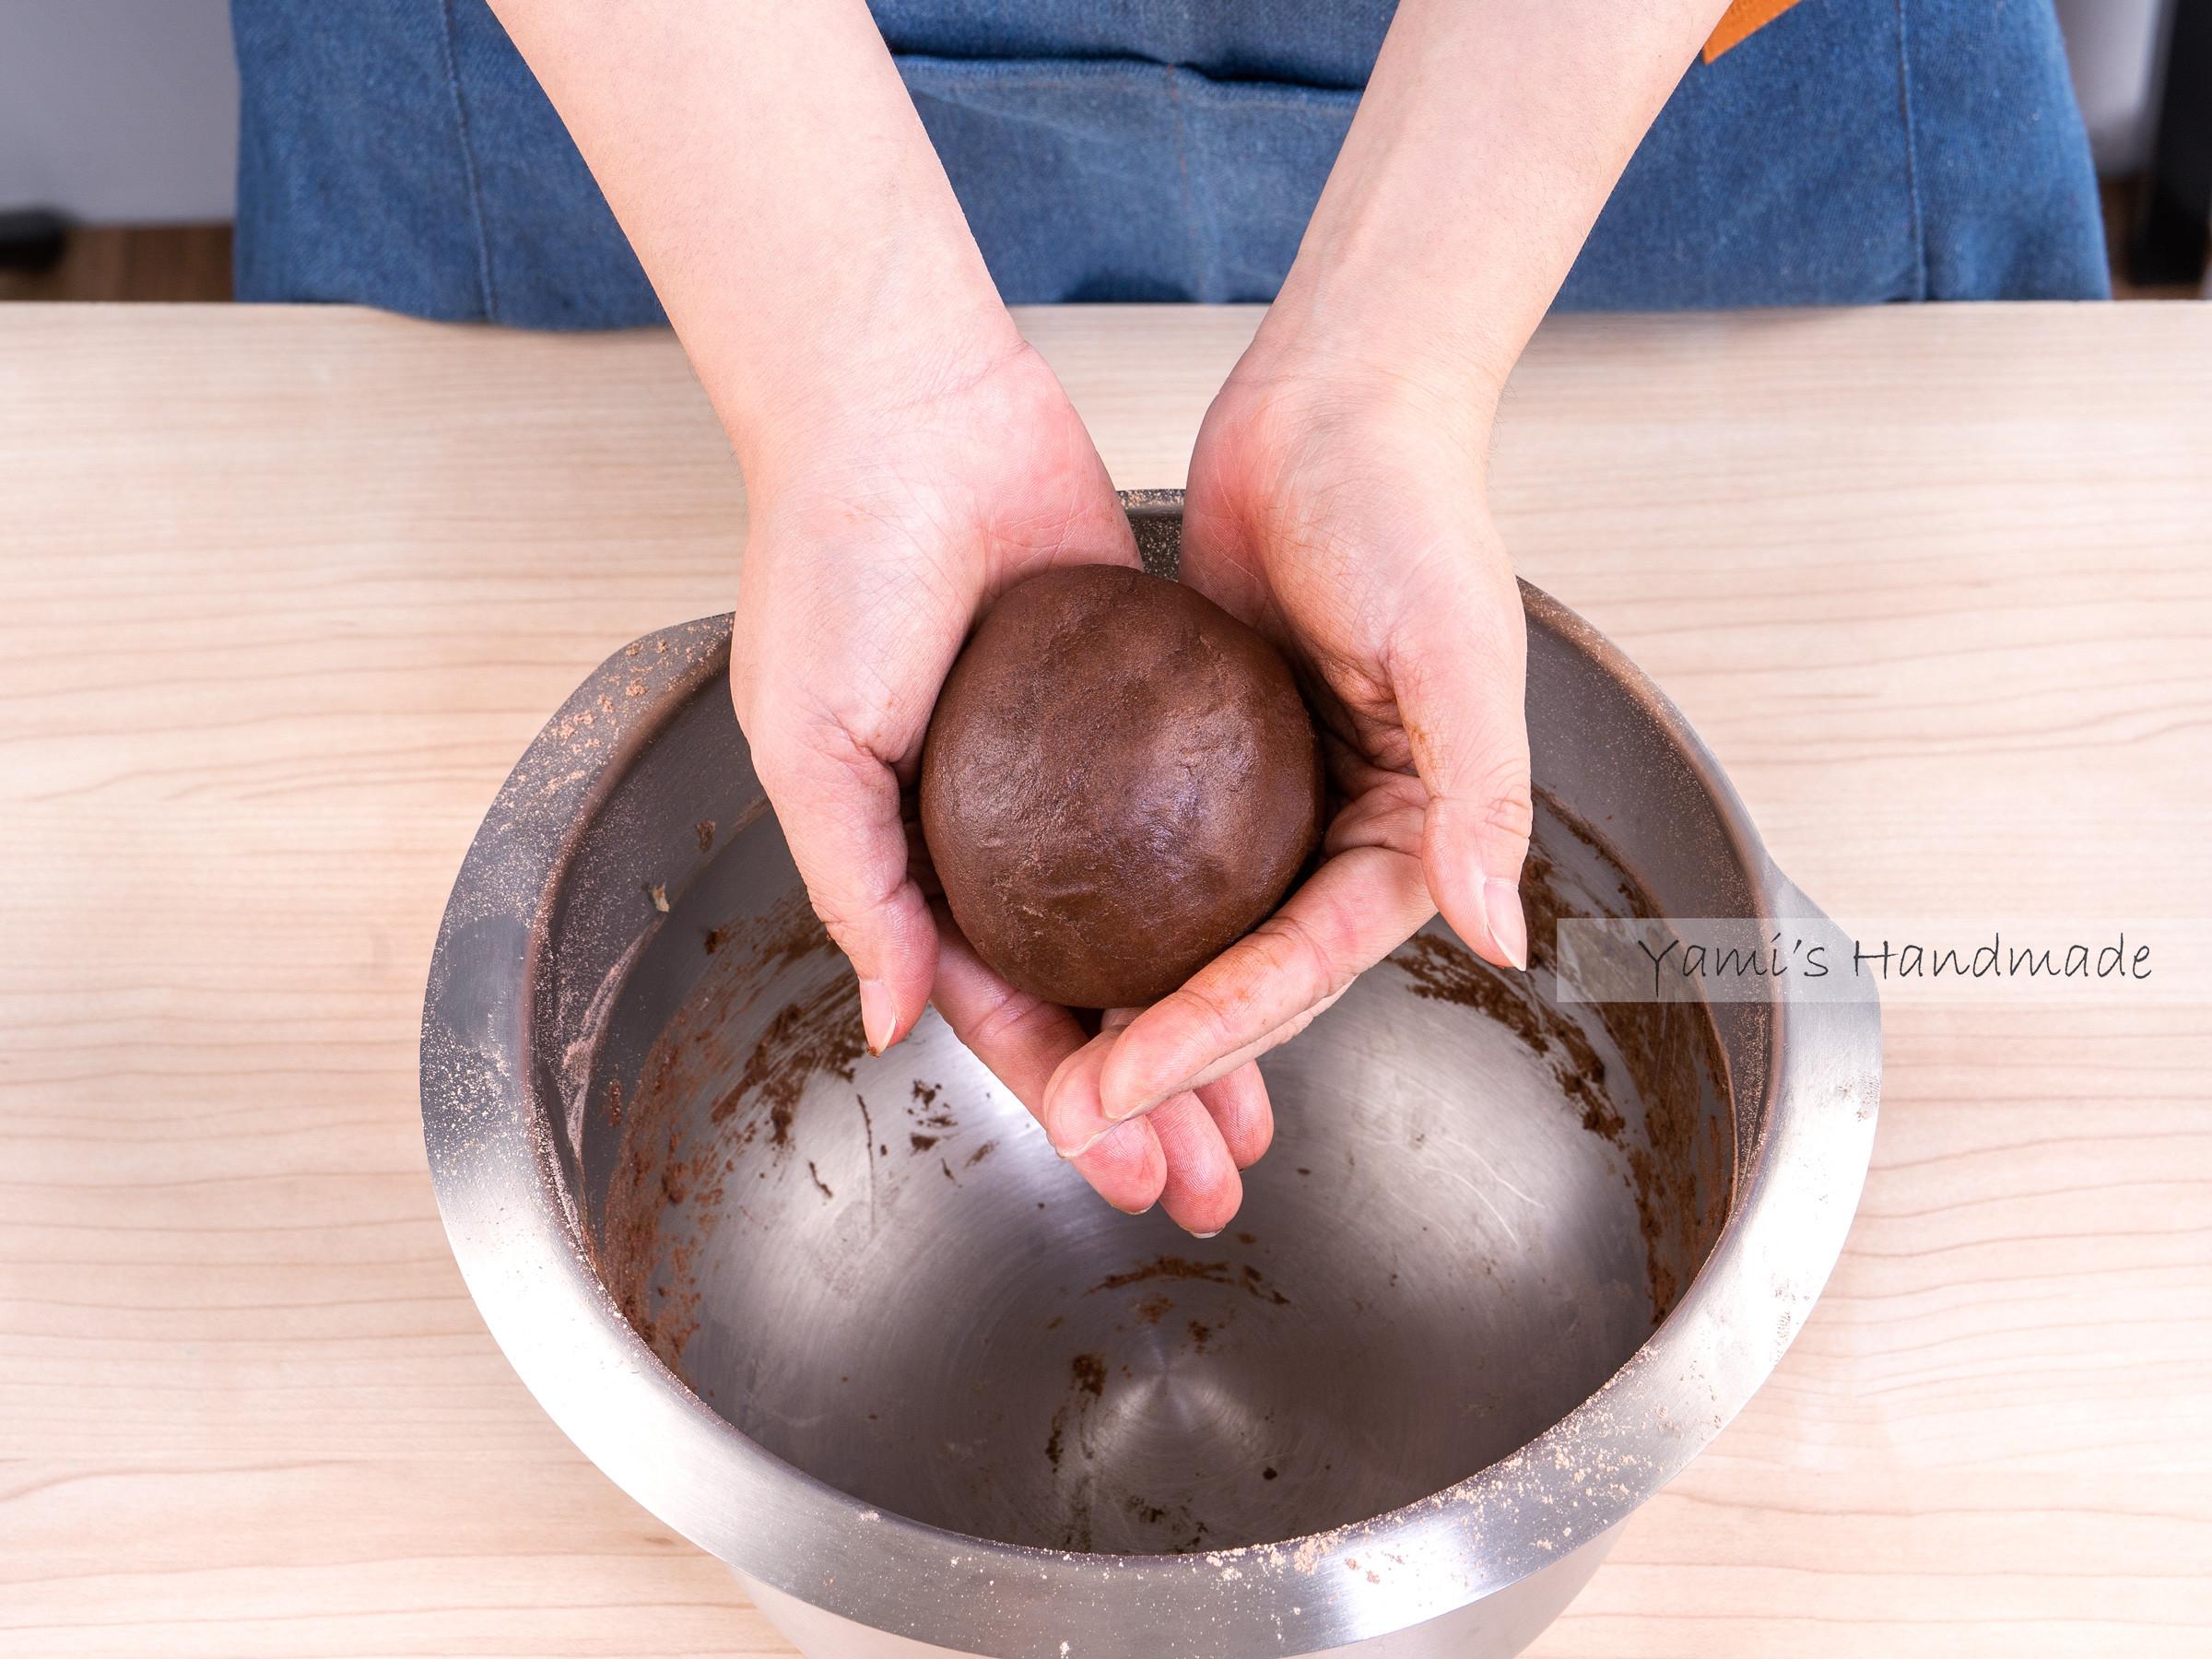 廚房內的夢幻逸品-Bosch精湛萬用廚師機的第 17 張圖片